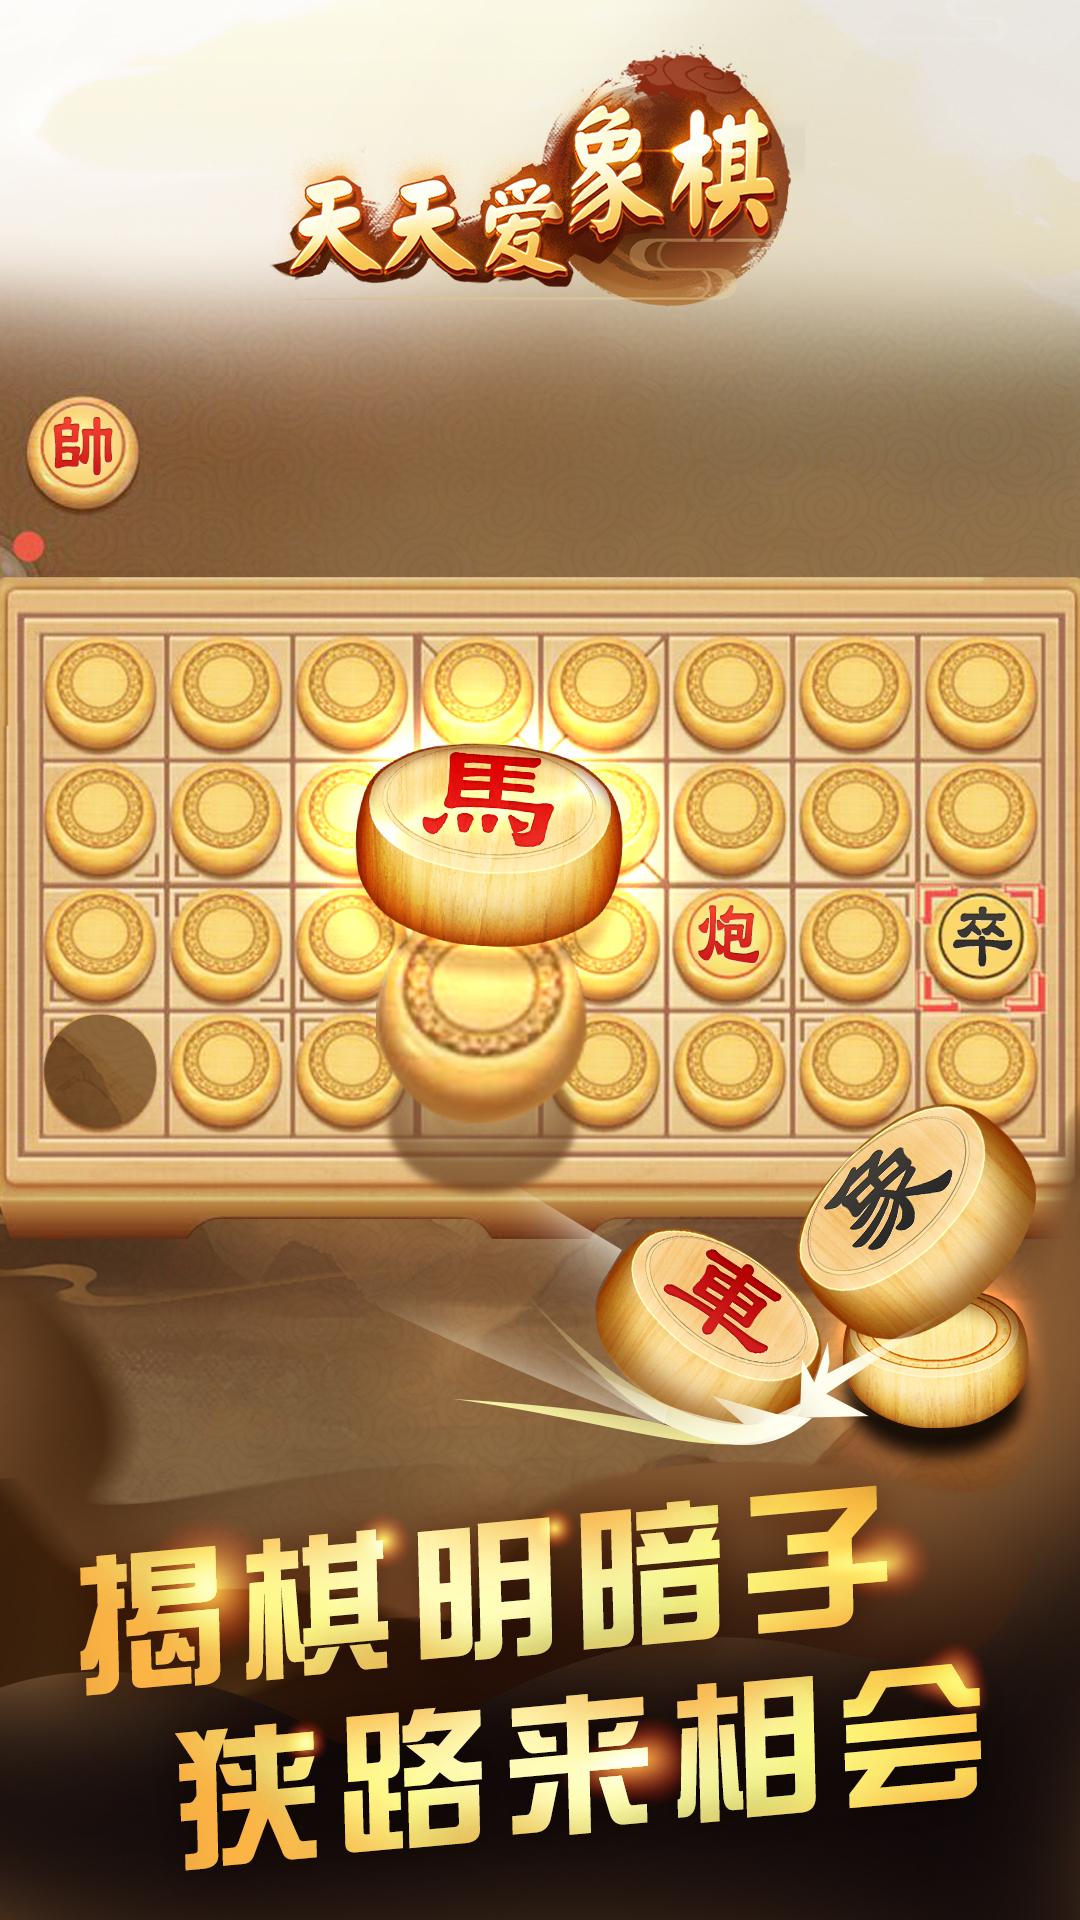 天天爱象棋截图(3)